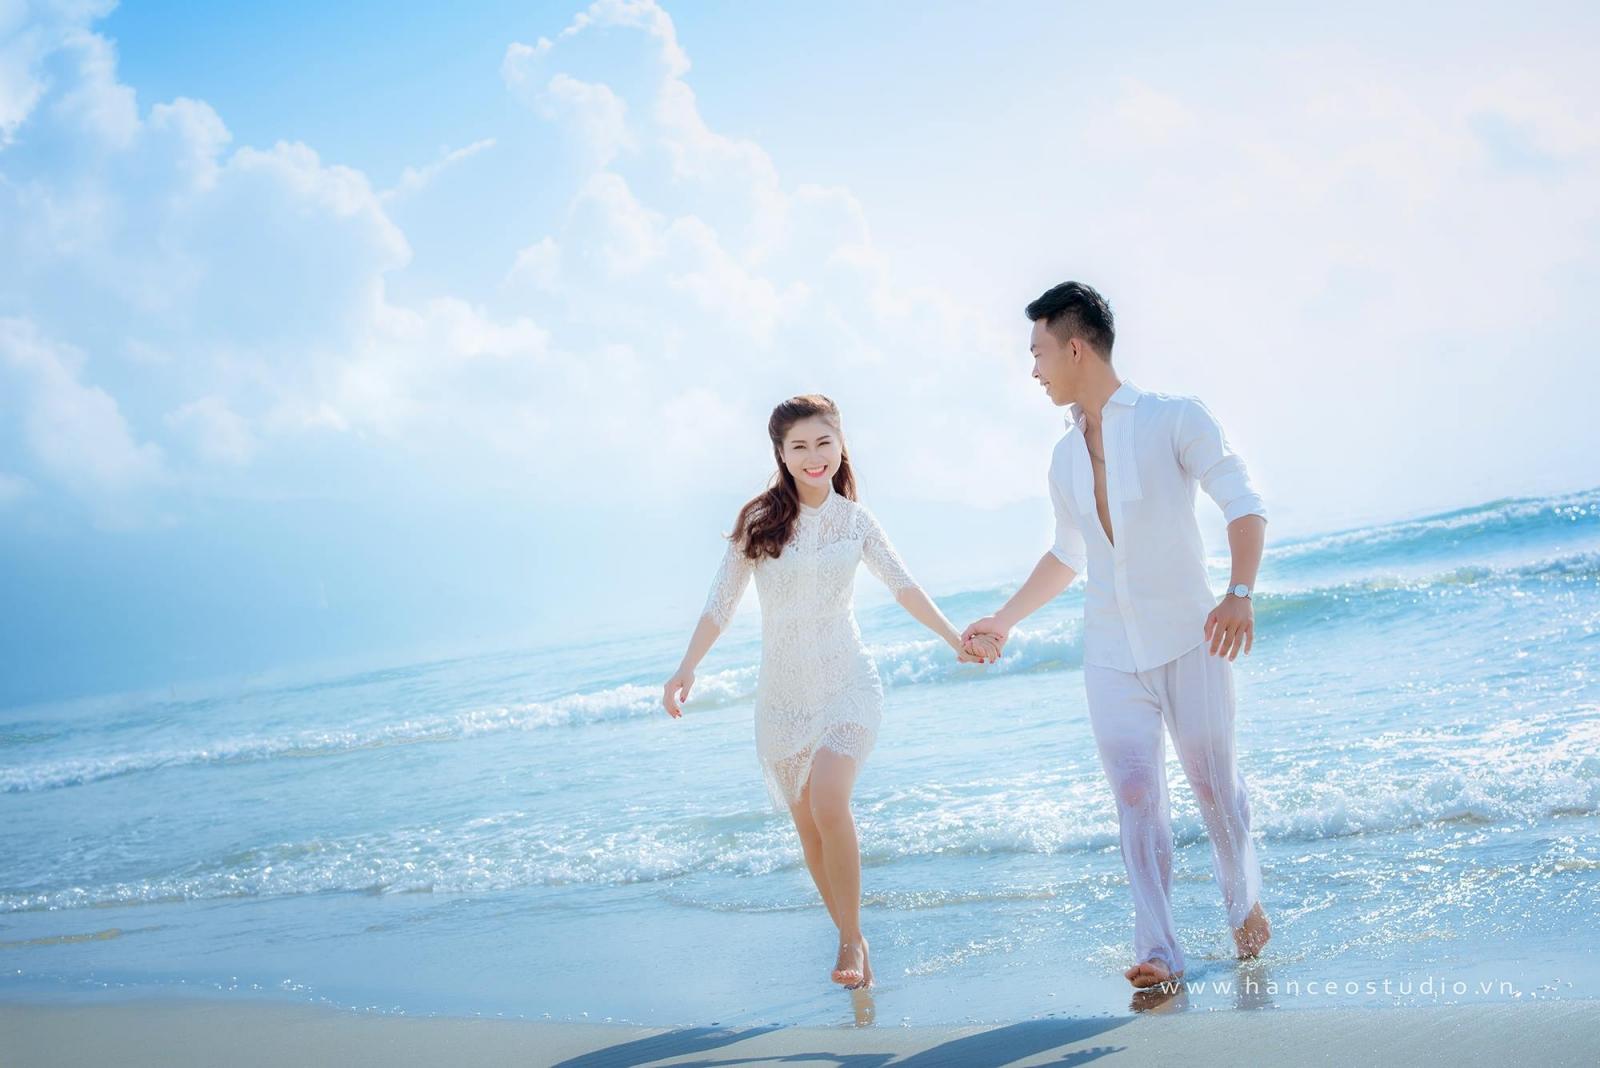 Chụp ảnh cưới ngoại cảnh biển đà nẵng